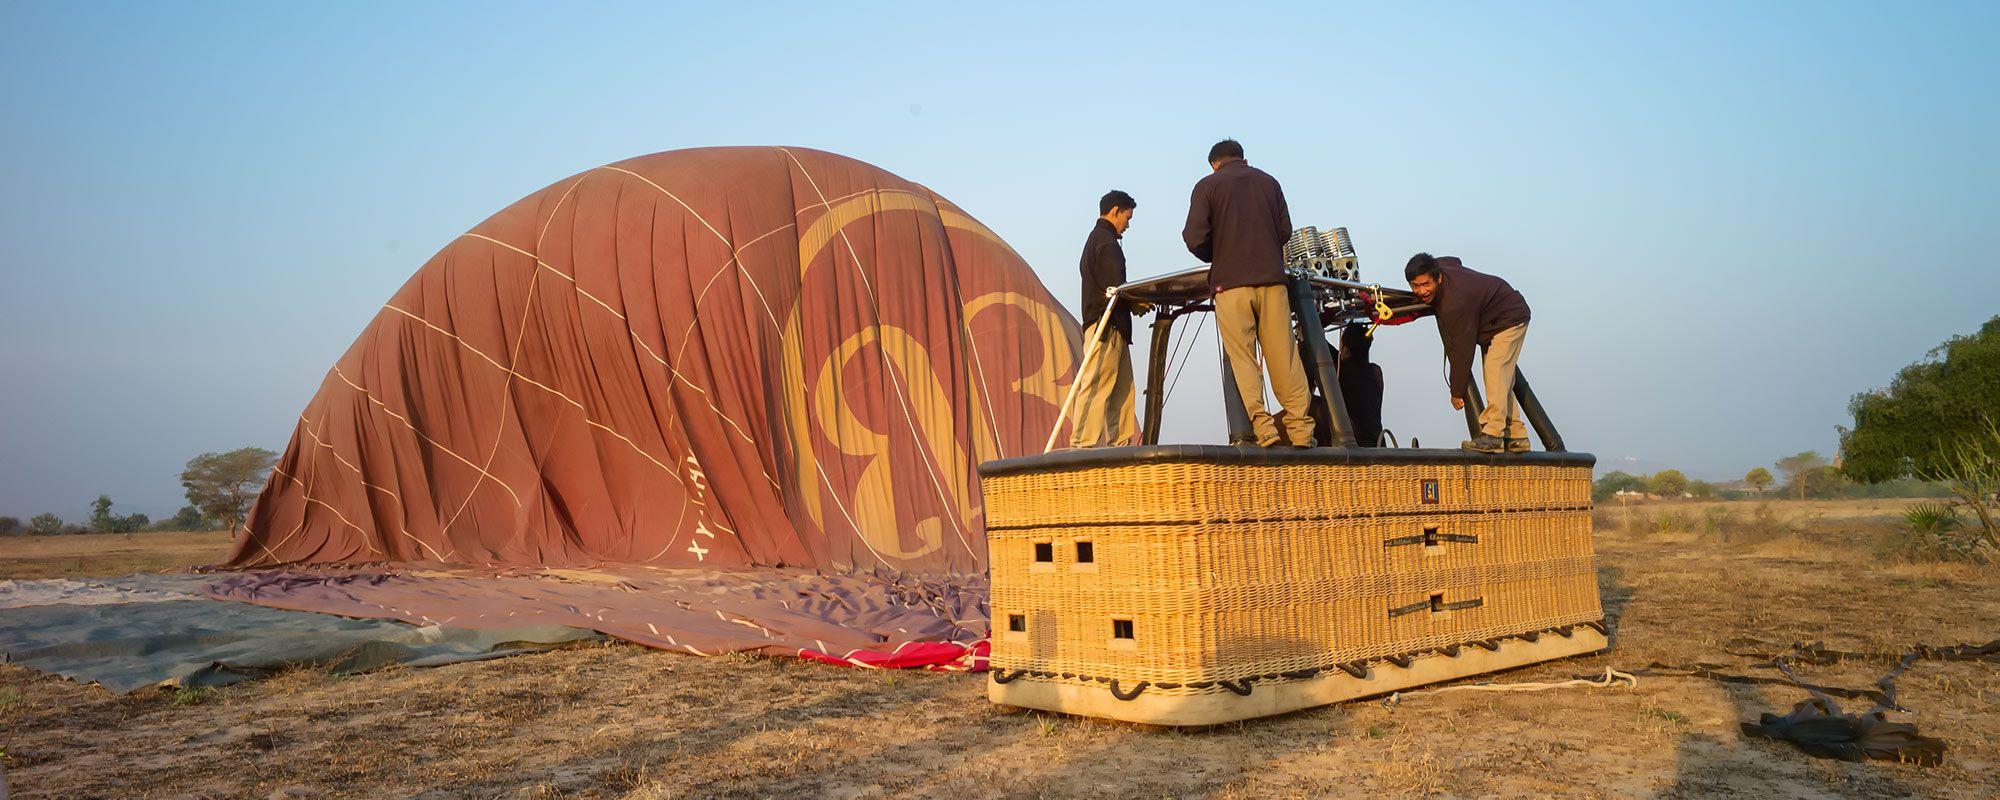 Ballonfahrt Vorbereitung